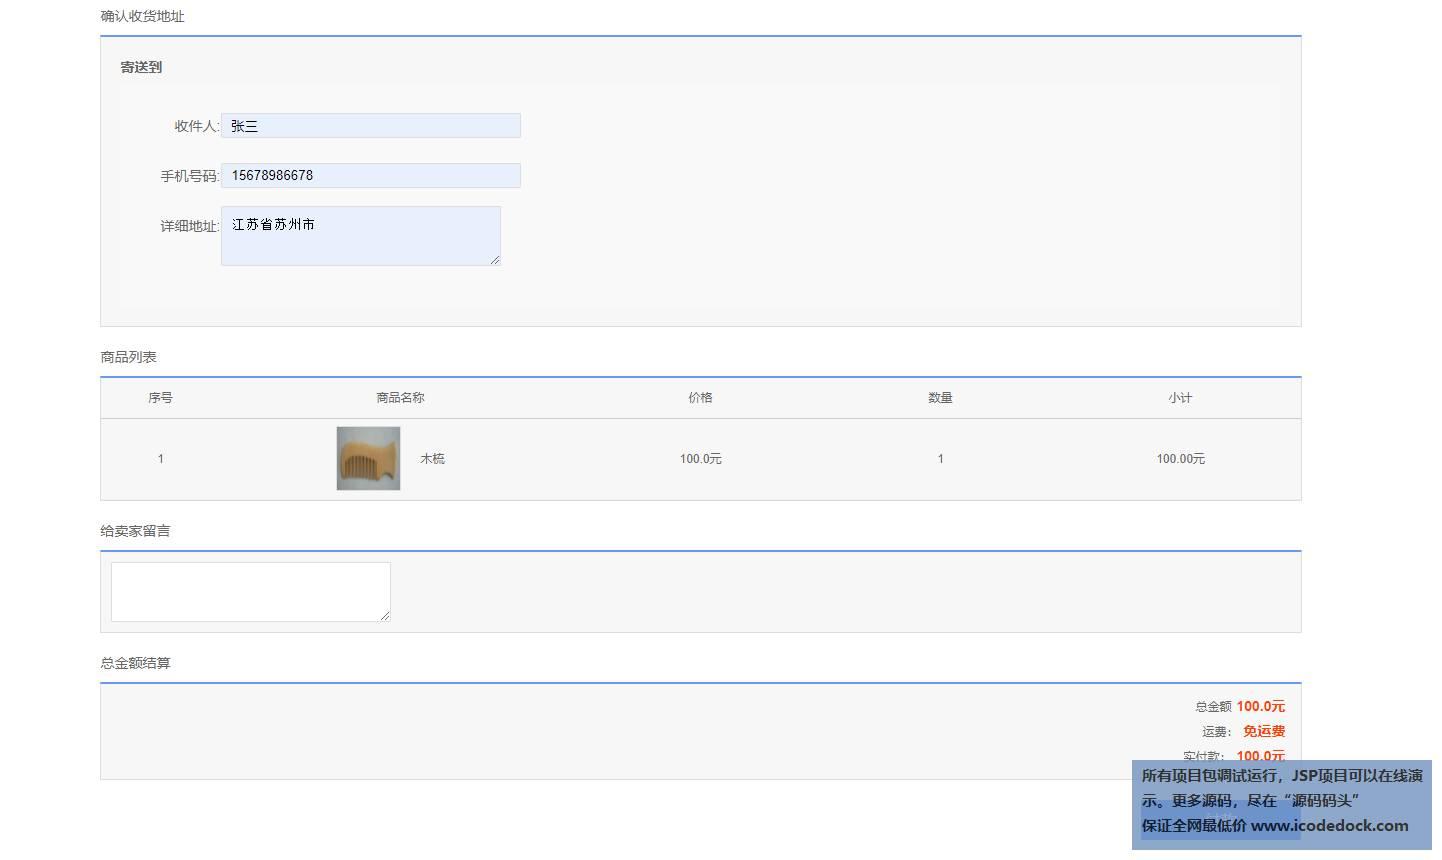 源码码头-SSM在线工艺品销售商城平台网站-用户角色-提交订单